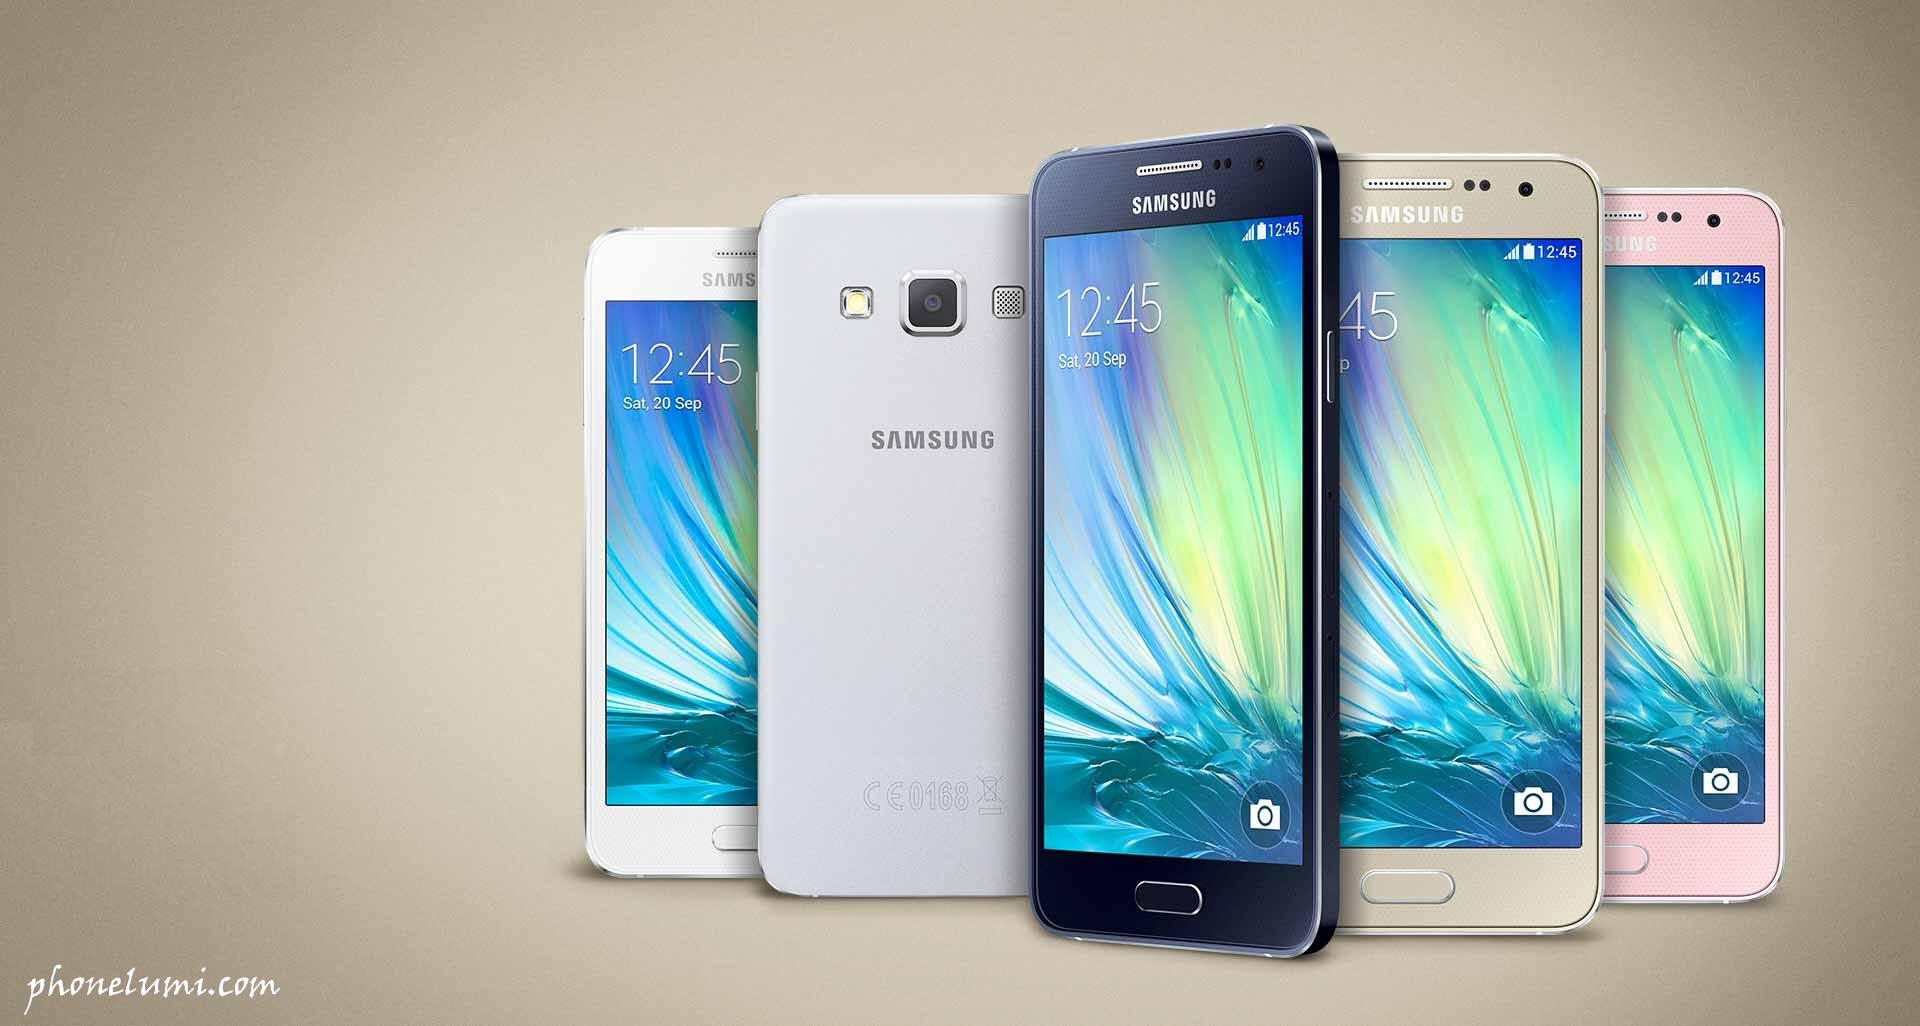 Rom gốc Samsung Galaxy A5 SM-A500H